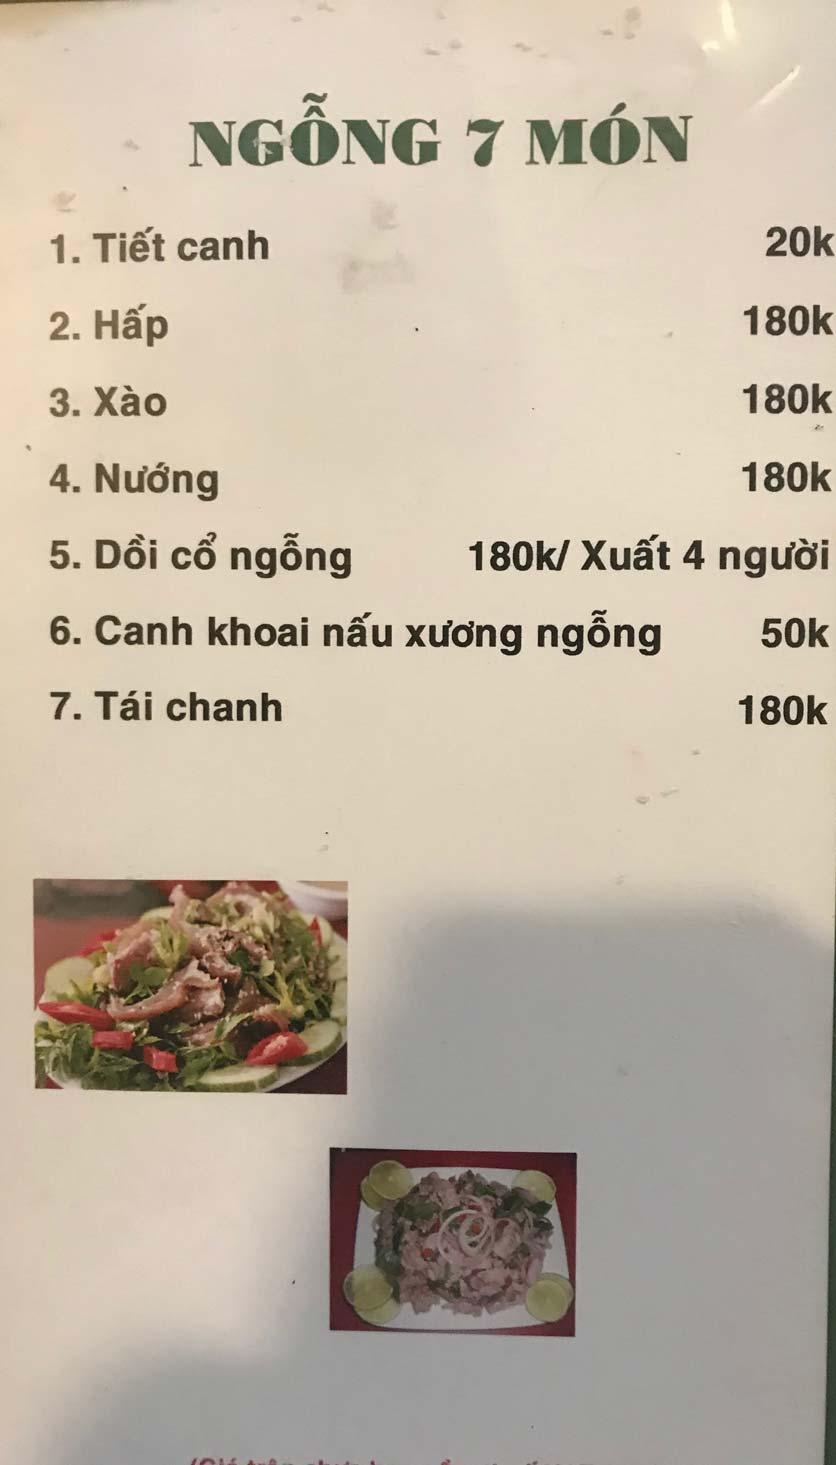 Menu Hoa Sữa - Thanh Liệt 11